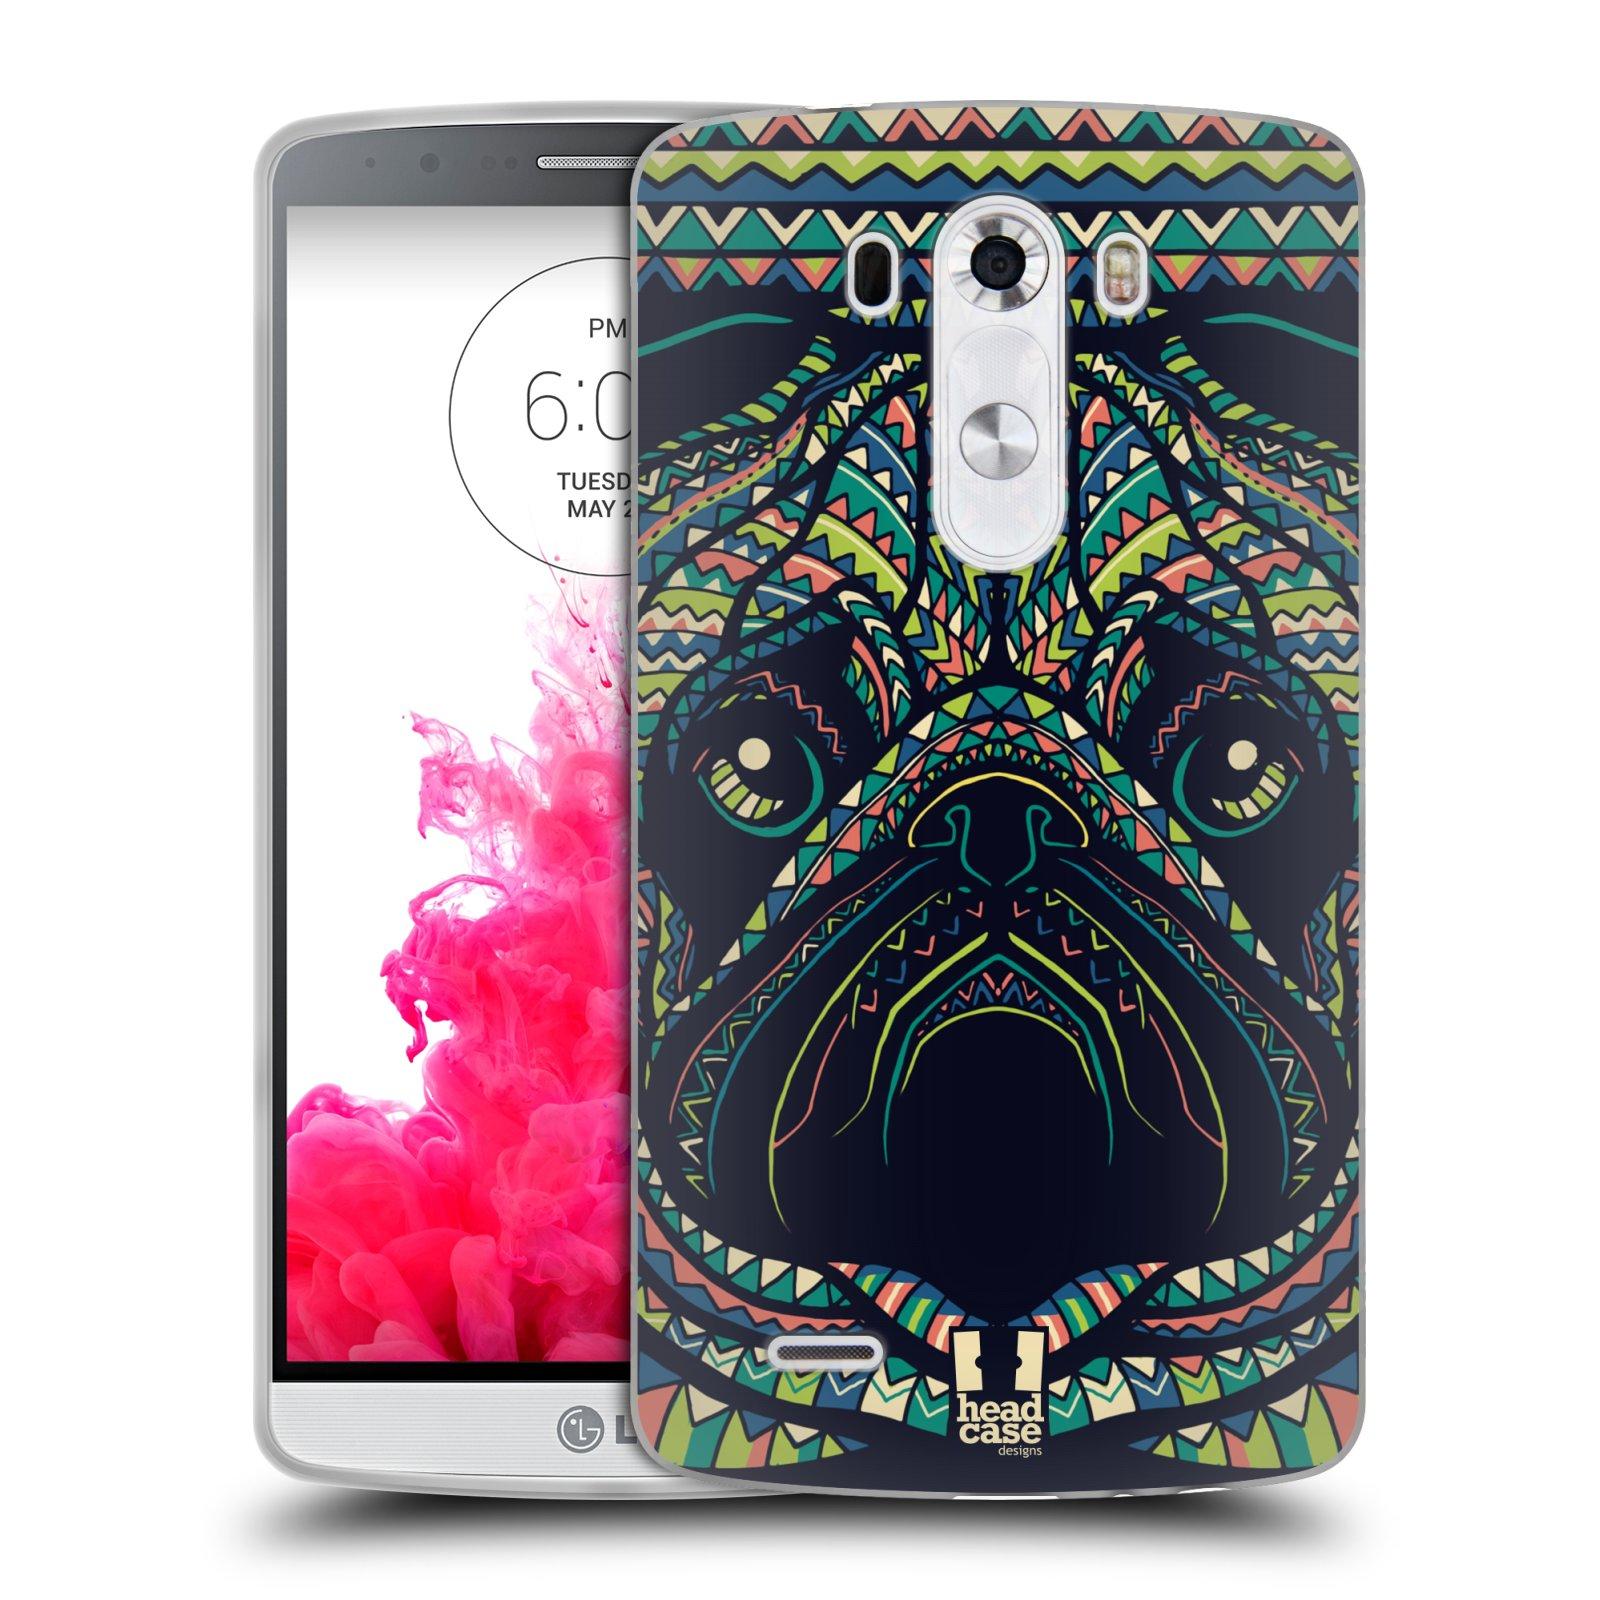 Silikonové pouzdro na mobil LG G3 HEAD CASE AZTEC MOPS (Silikonový kryt či obal na mobilní telefon LG G3 D855)